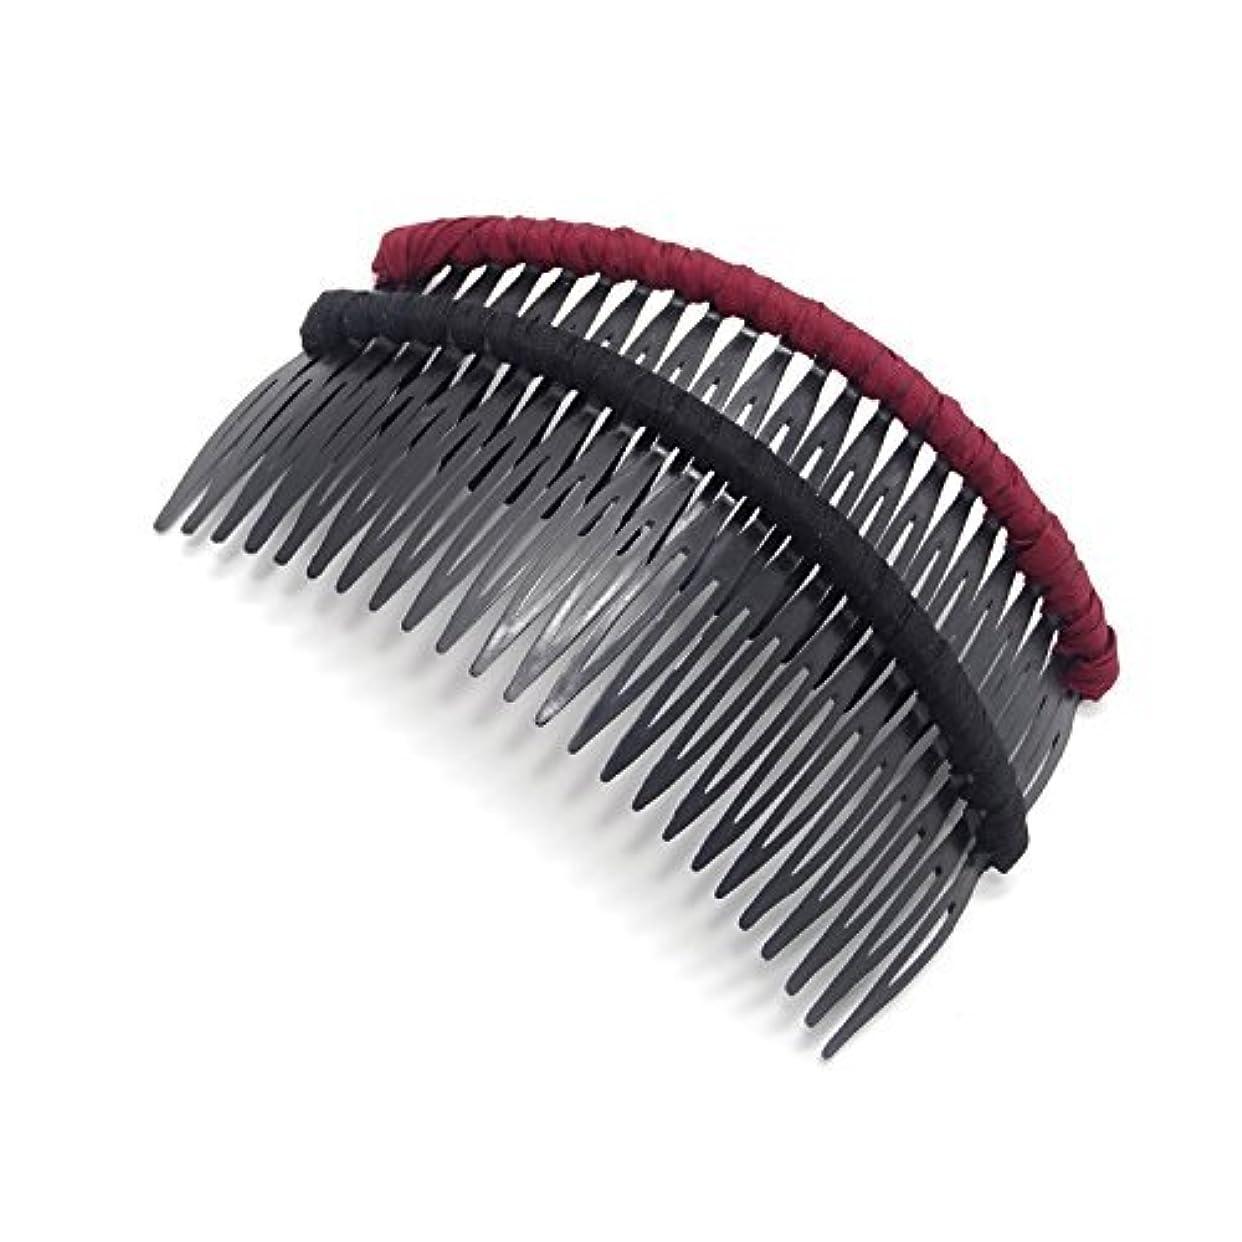 オーストラリア人敗北正確さHonbay 2 PCS Different Color 24 Teeth Plastic Hair Comb Tuck Comb Hair Clip Hair Accessory for Women and Girls (pure color) [並行輸入品]